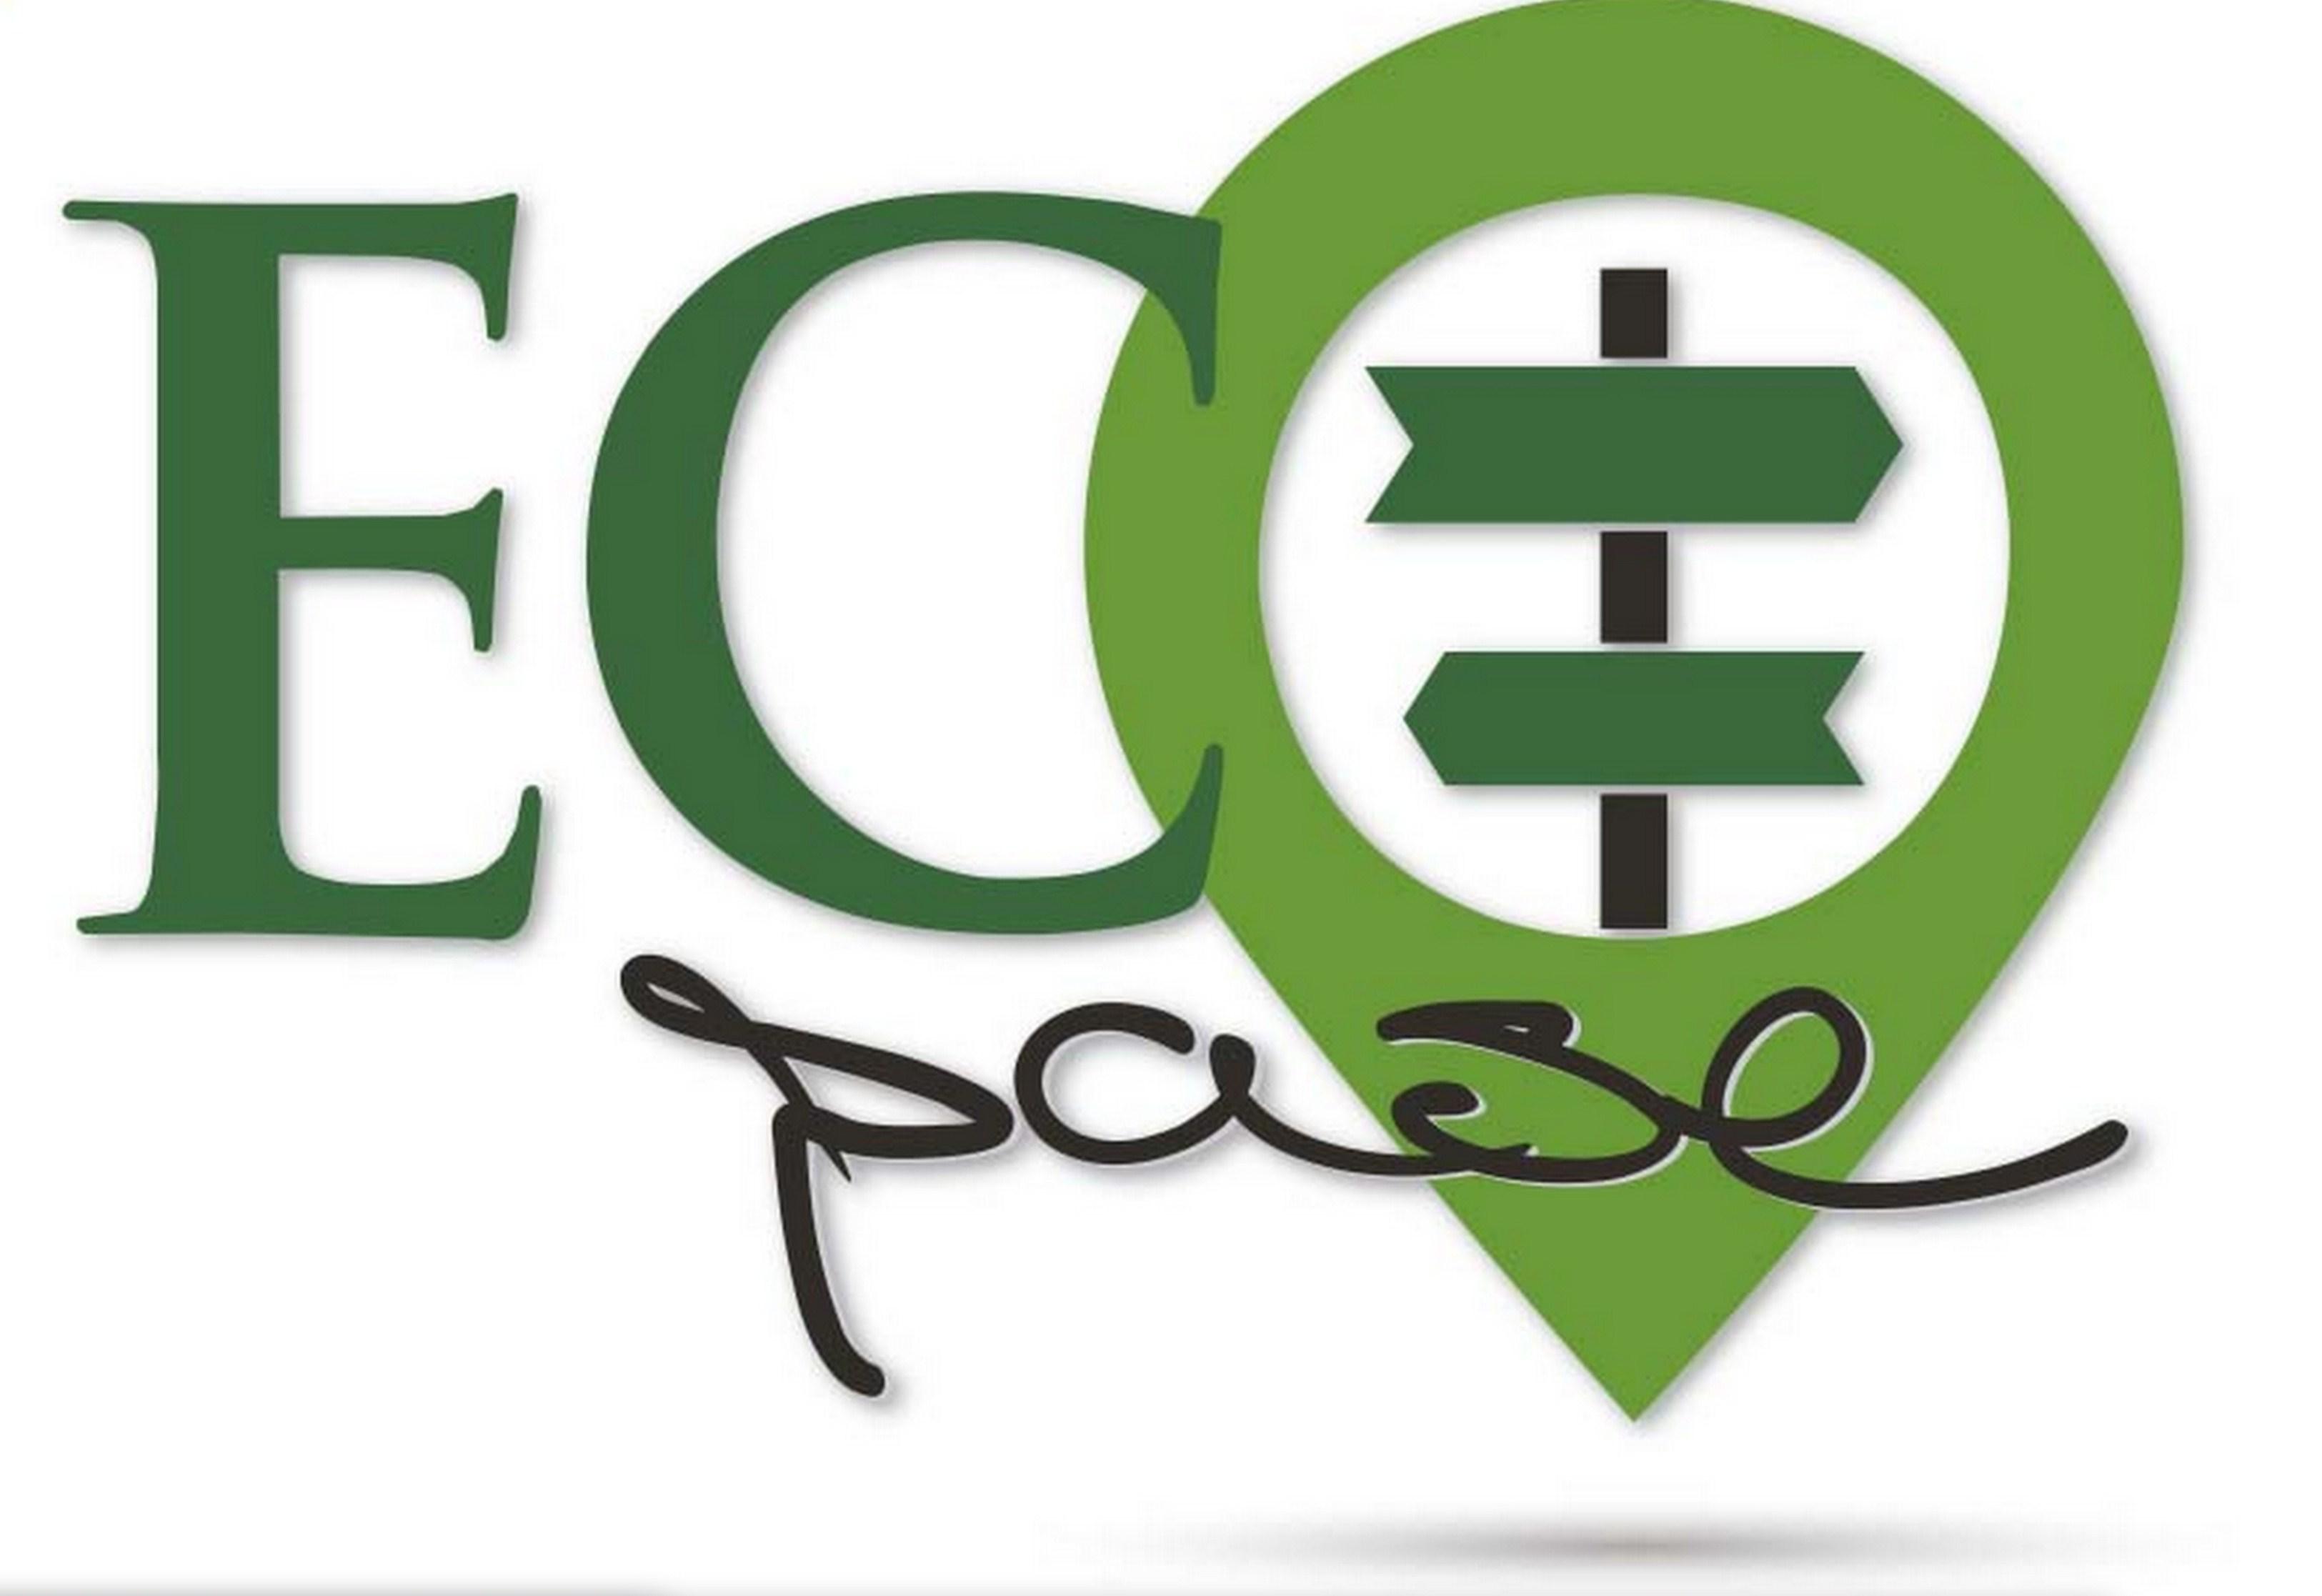 Eco Pase